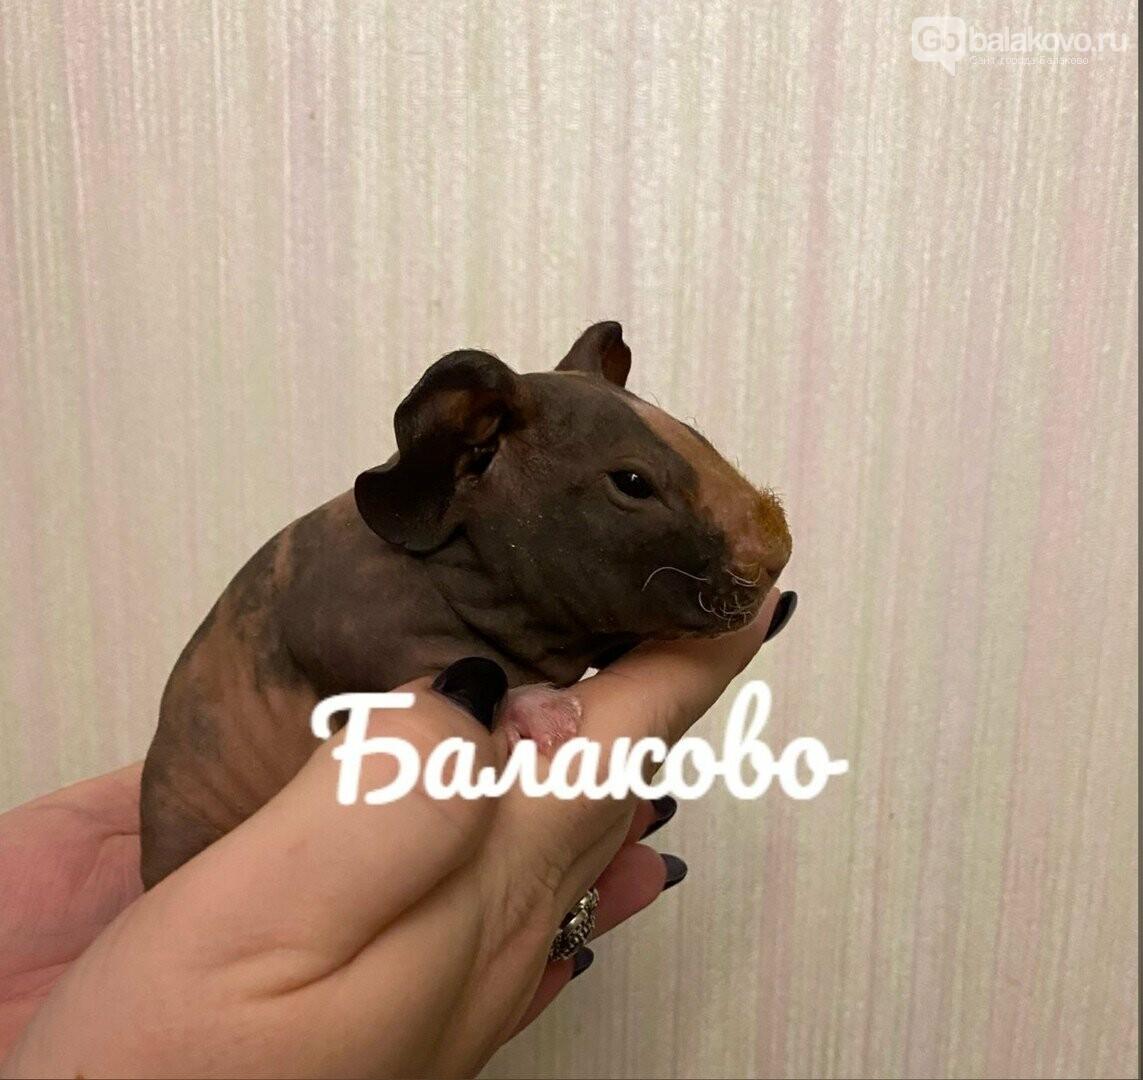 Домашний грызун - идеальный выбор, считает Ле'Муррр, фото-2